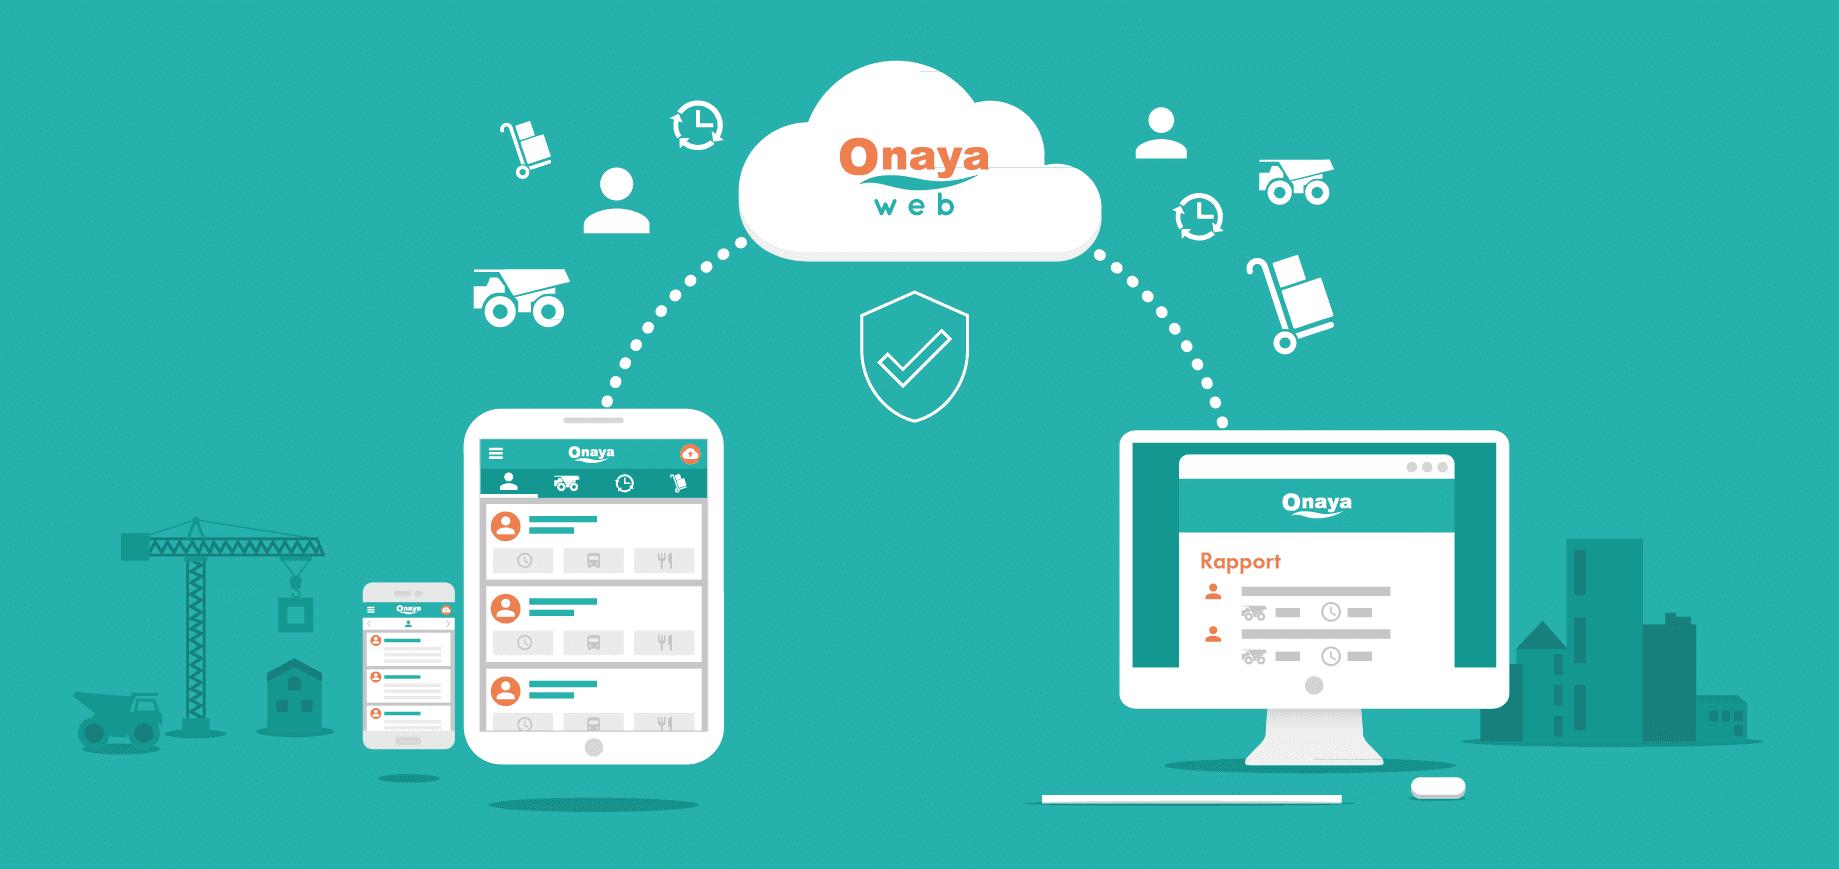 onaya-logiciel